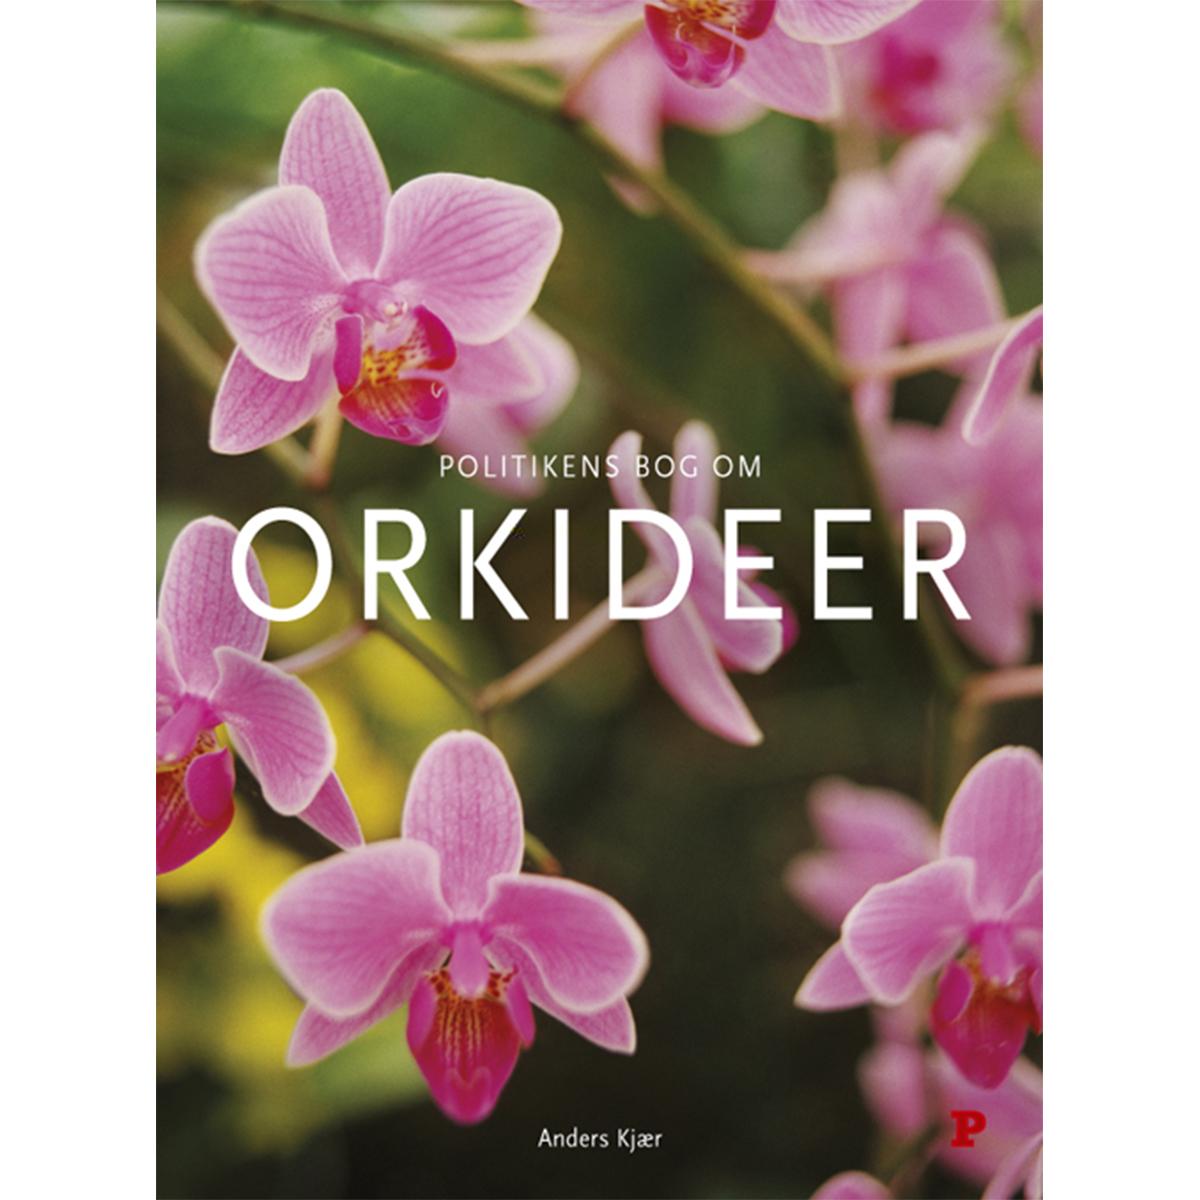 Billede af Politikens bog om orkideer - Indbundet